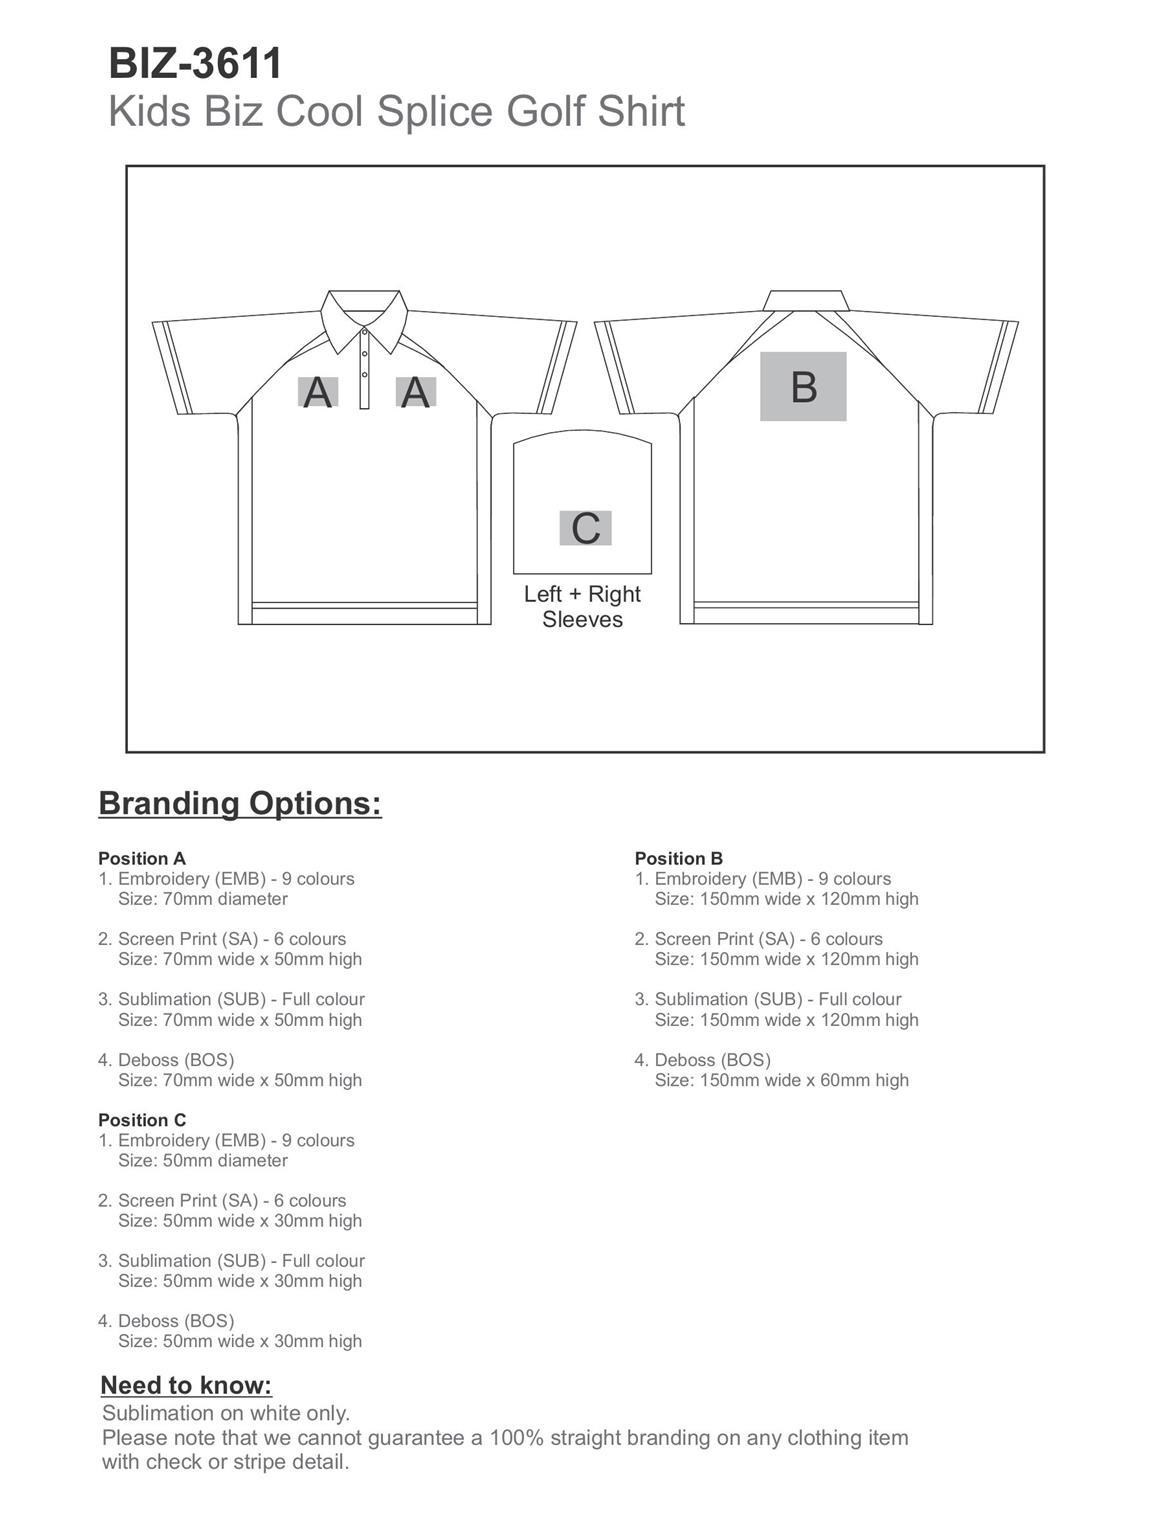 BIZ-3611 product layout